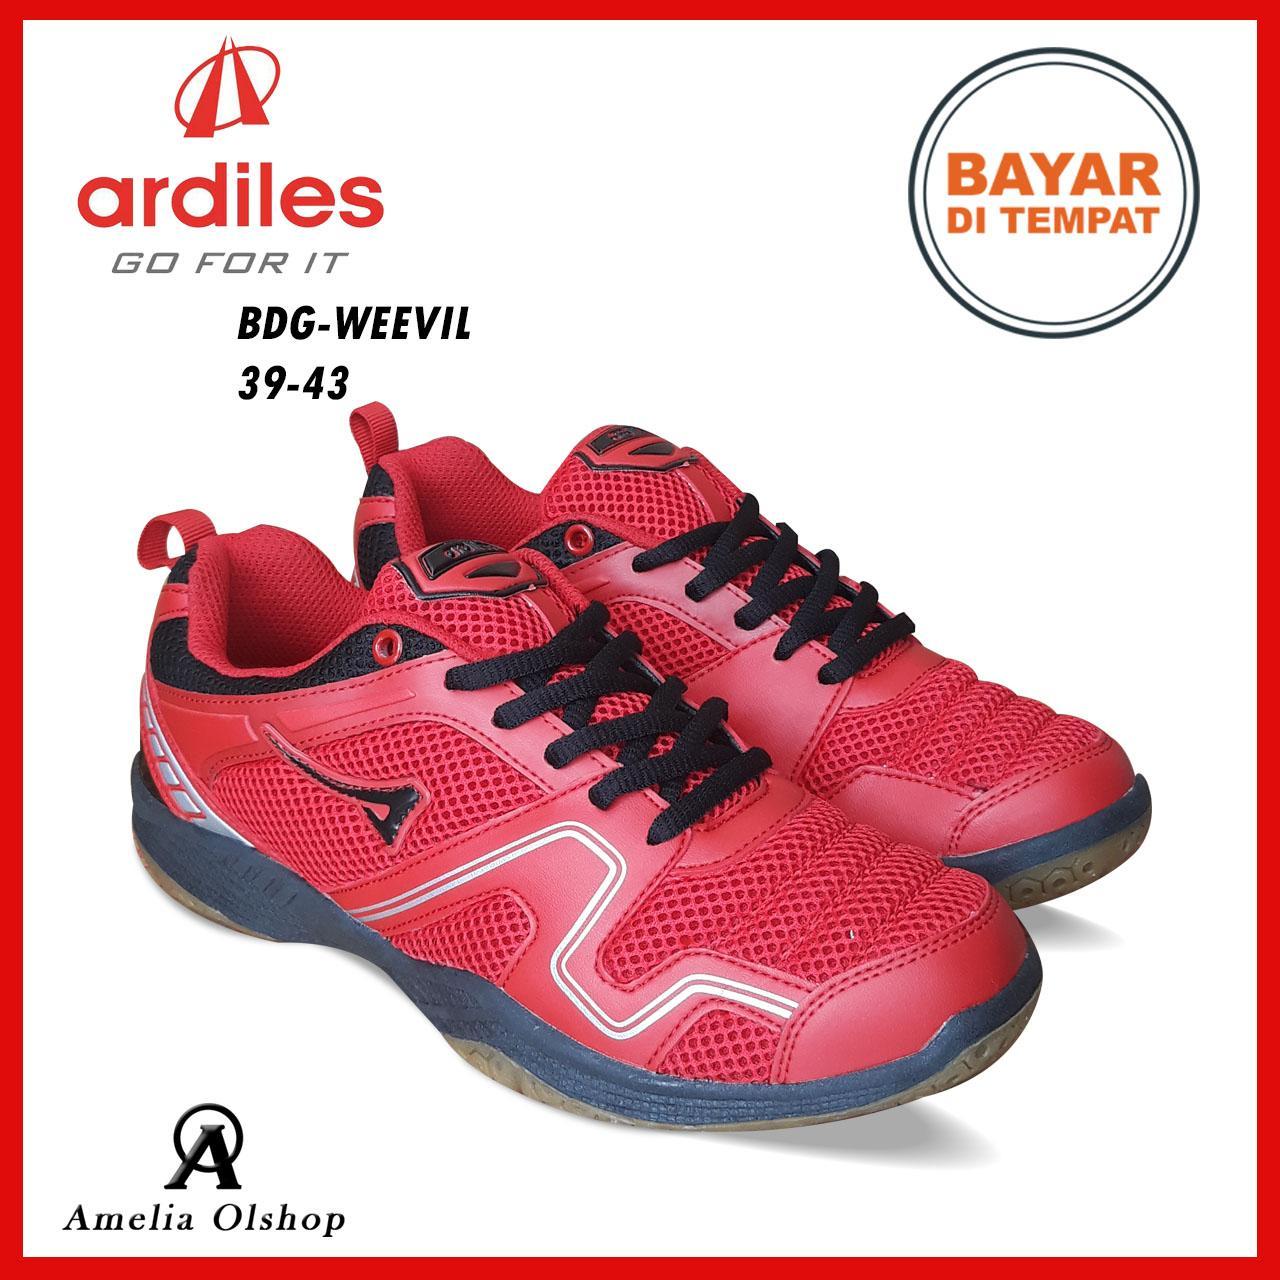 Amelia Olshop Sepatu Ardiles Bhirawa 38 43 Sepatu Pria Sepatu ... 29c03b3a27